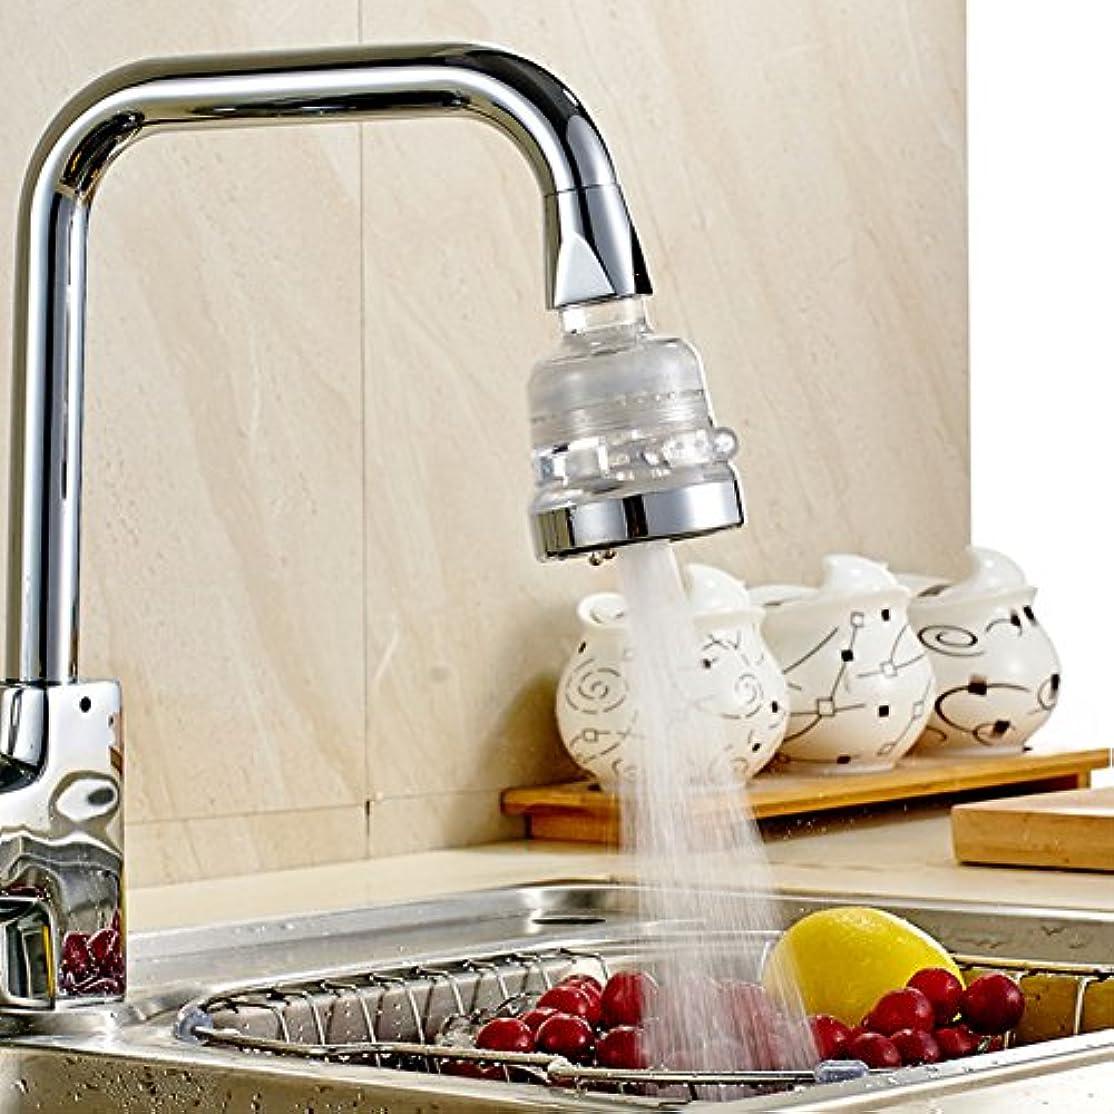 状態交通関与するocamo anti-splash蛇口フィルタTip取り外し可能水フィルタスプレータップ付き水Strainerキッチン用品